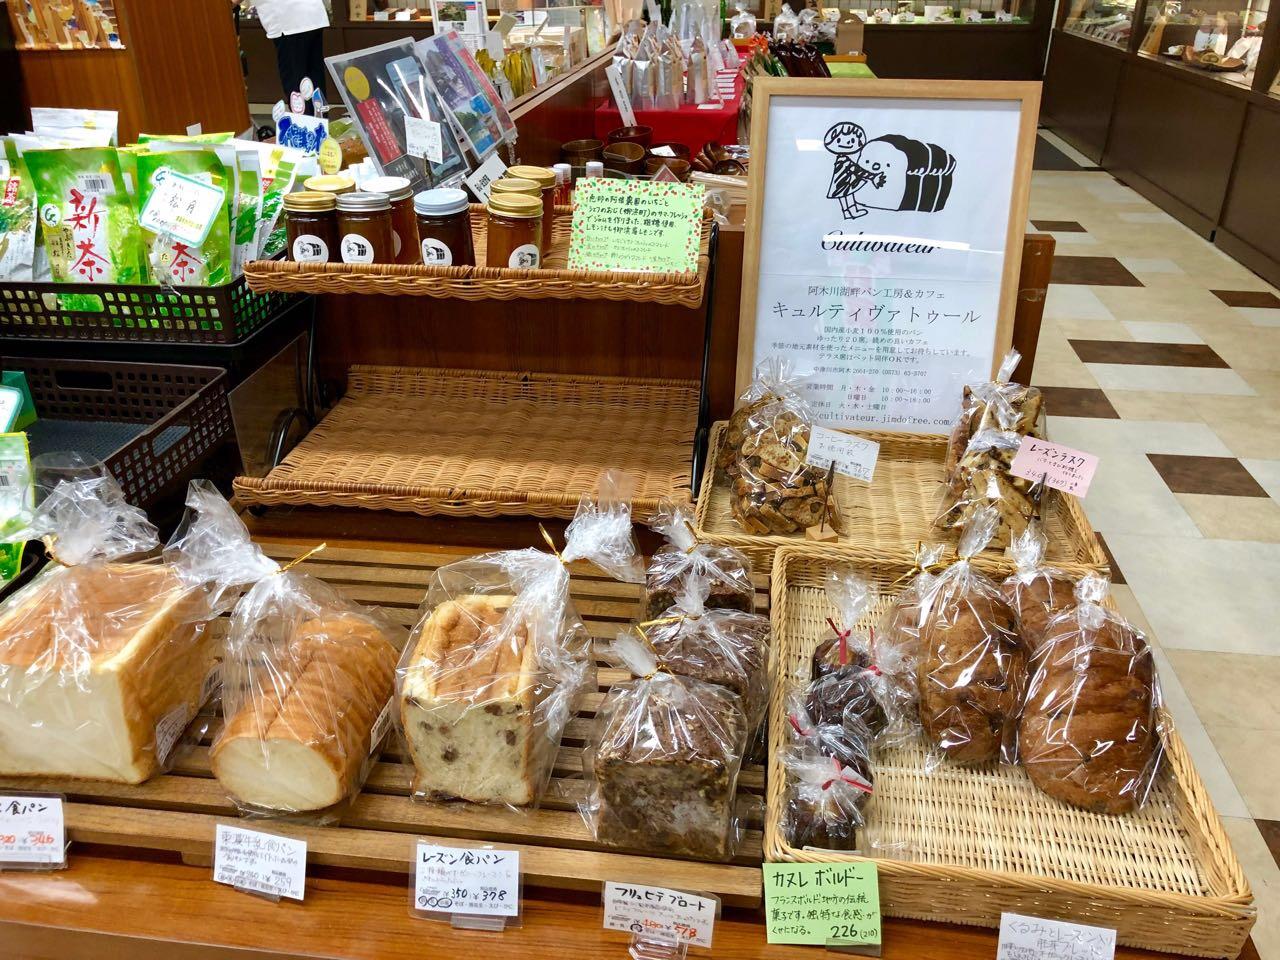 にぎわい特産館キュルティヴァトゥールのパン